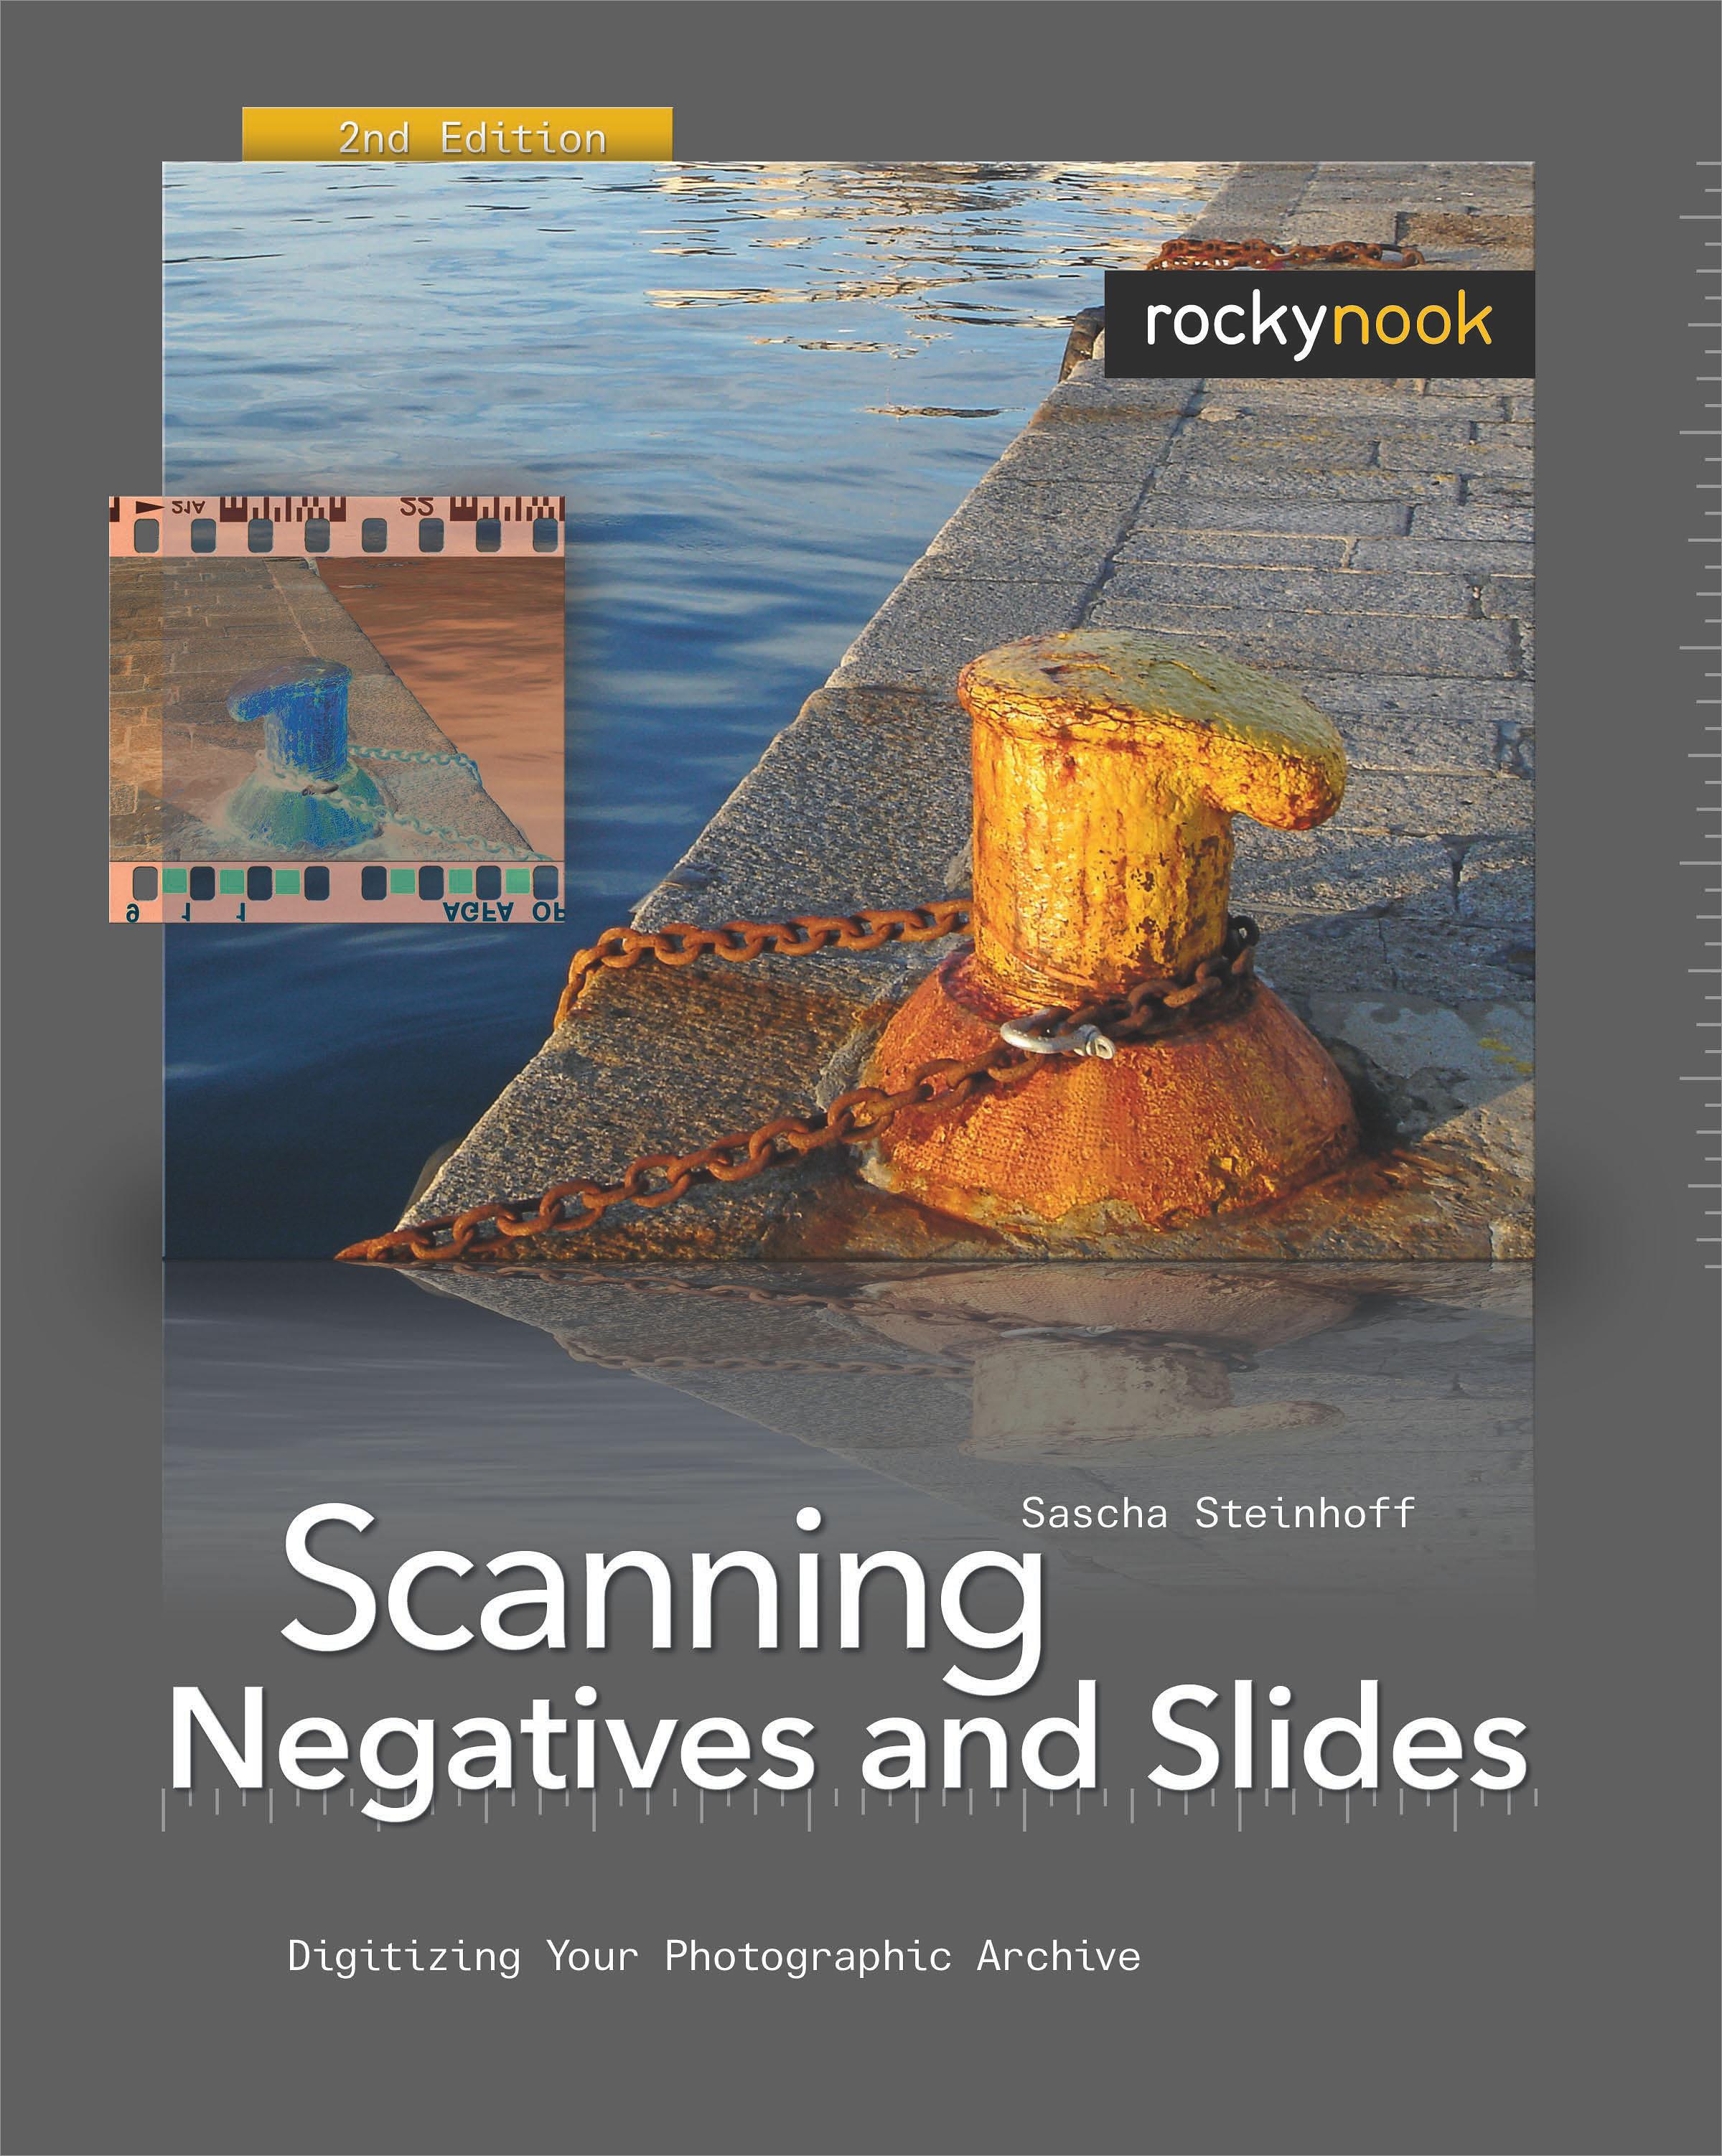 Sascha Steinhoff Scanning Negatives and Slides